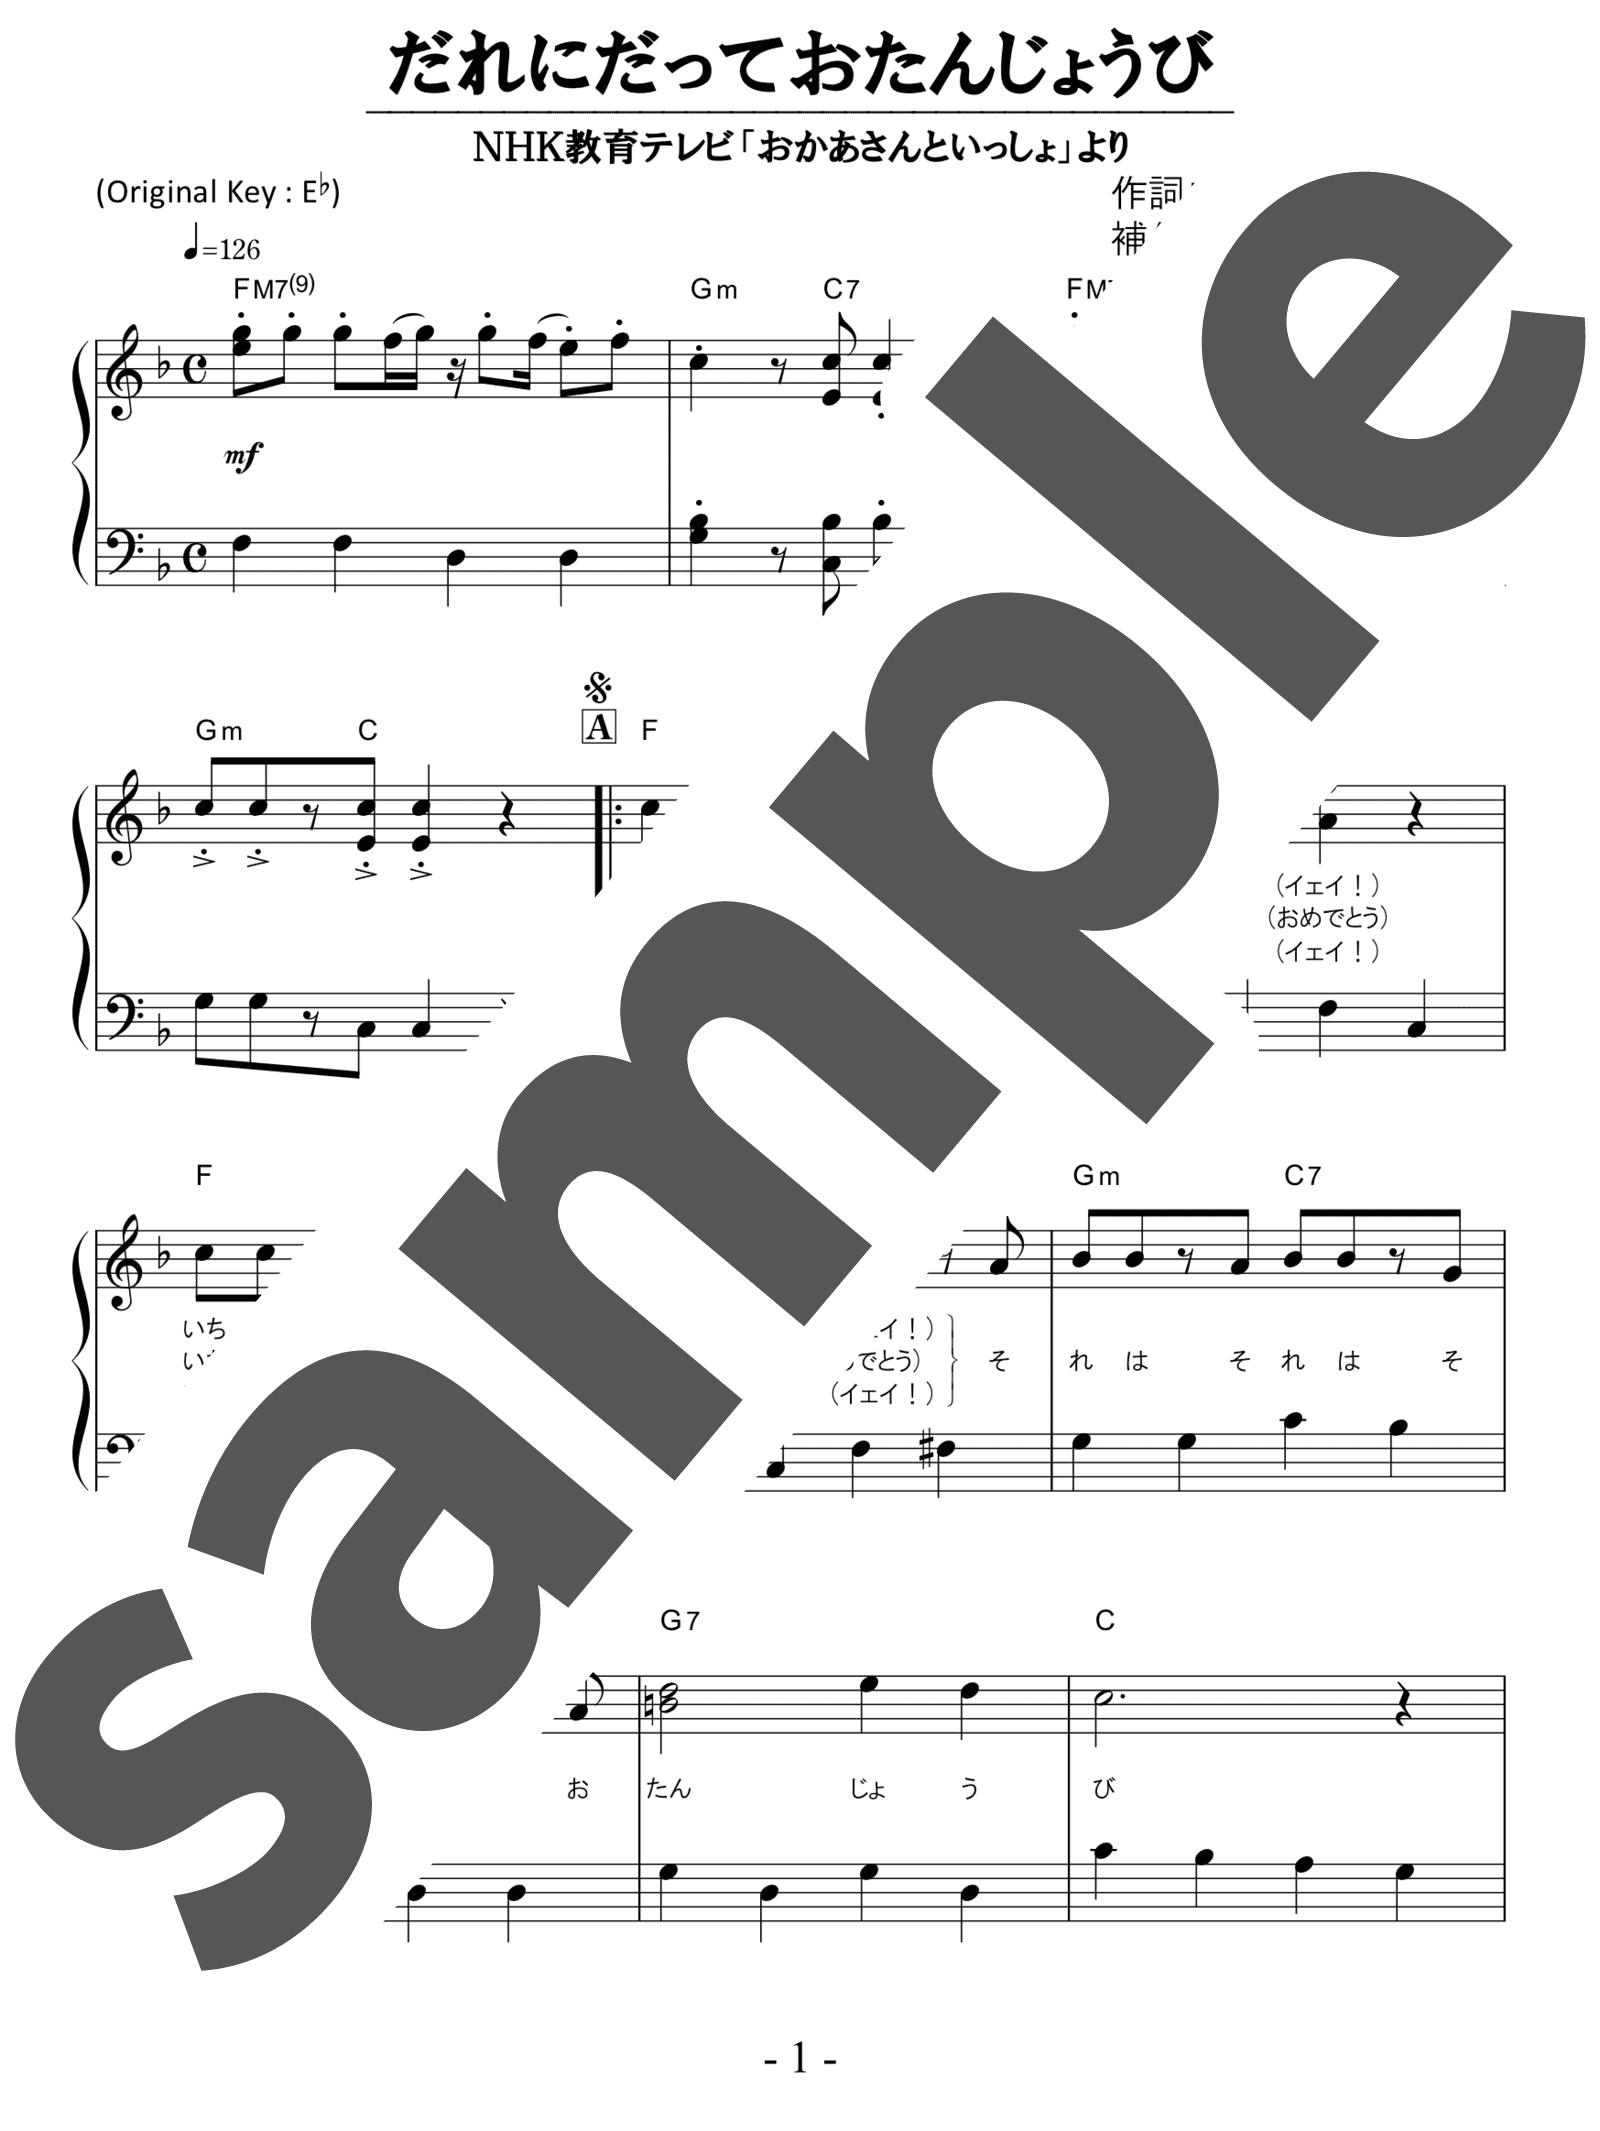 「だれにだっておたんじょうび」のサンプル楽譜